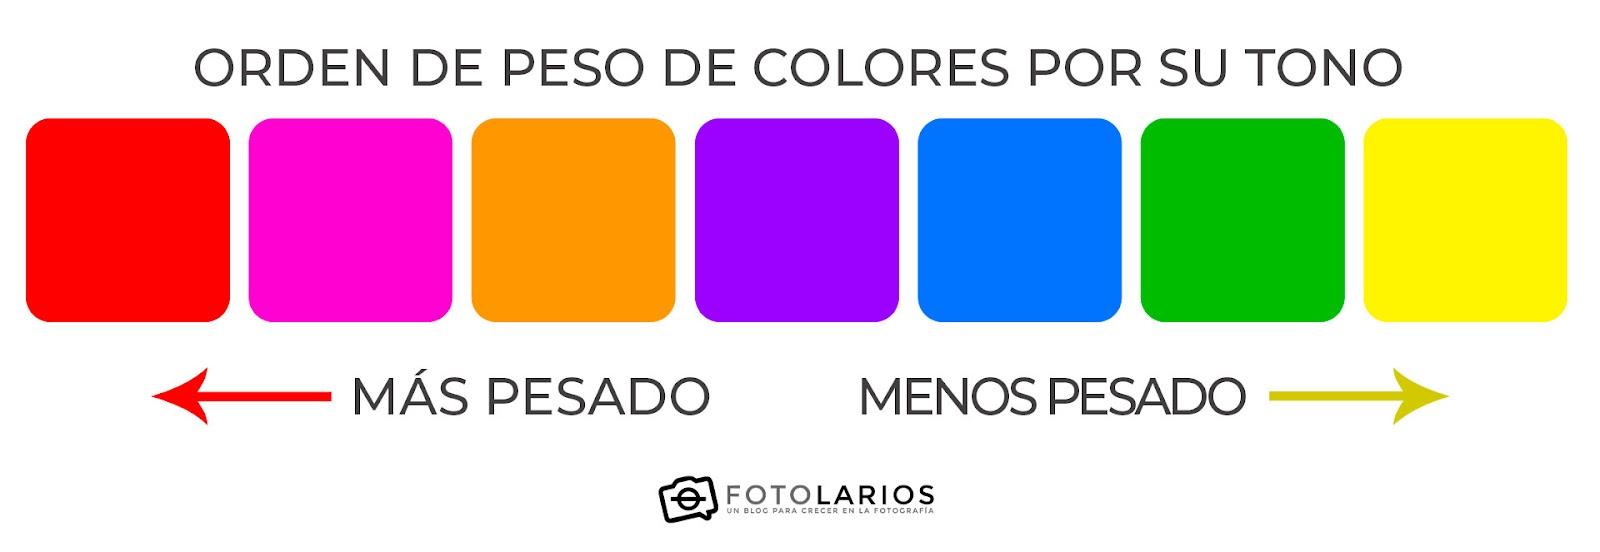 Orden de peso de los colores por su tono